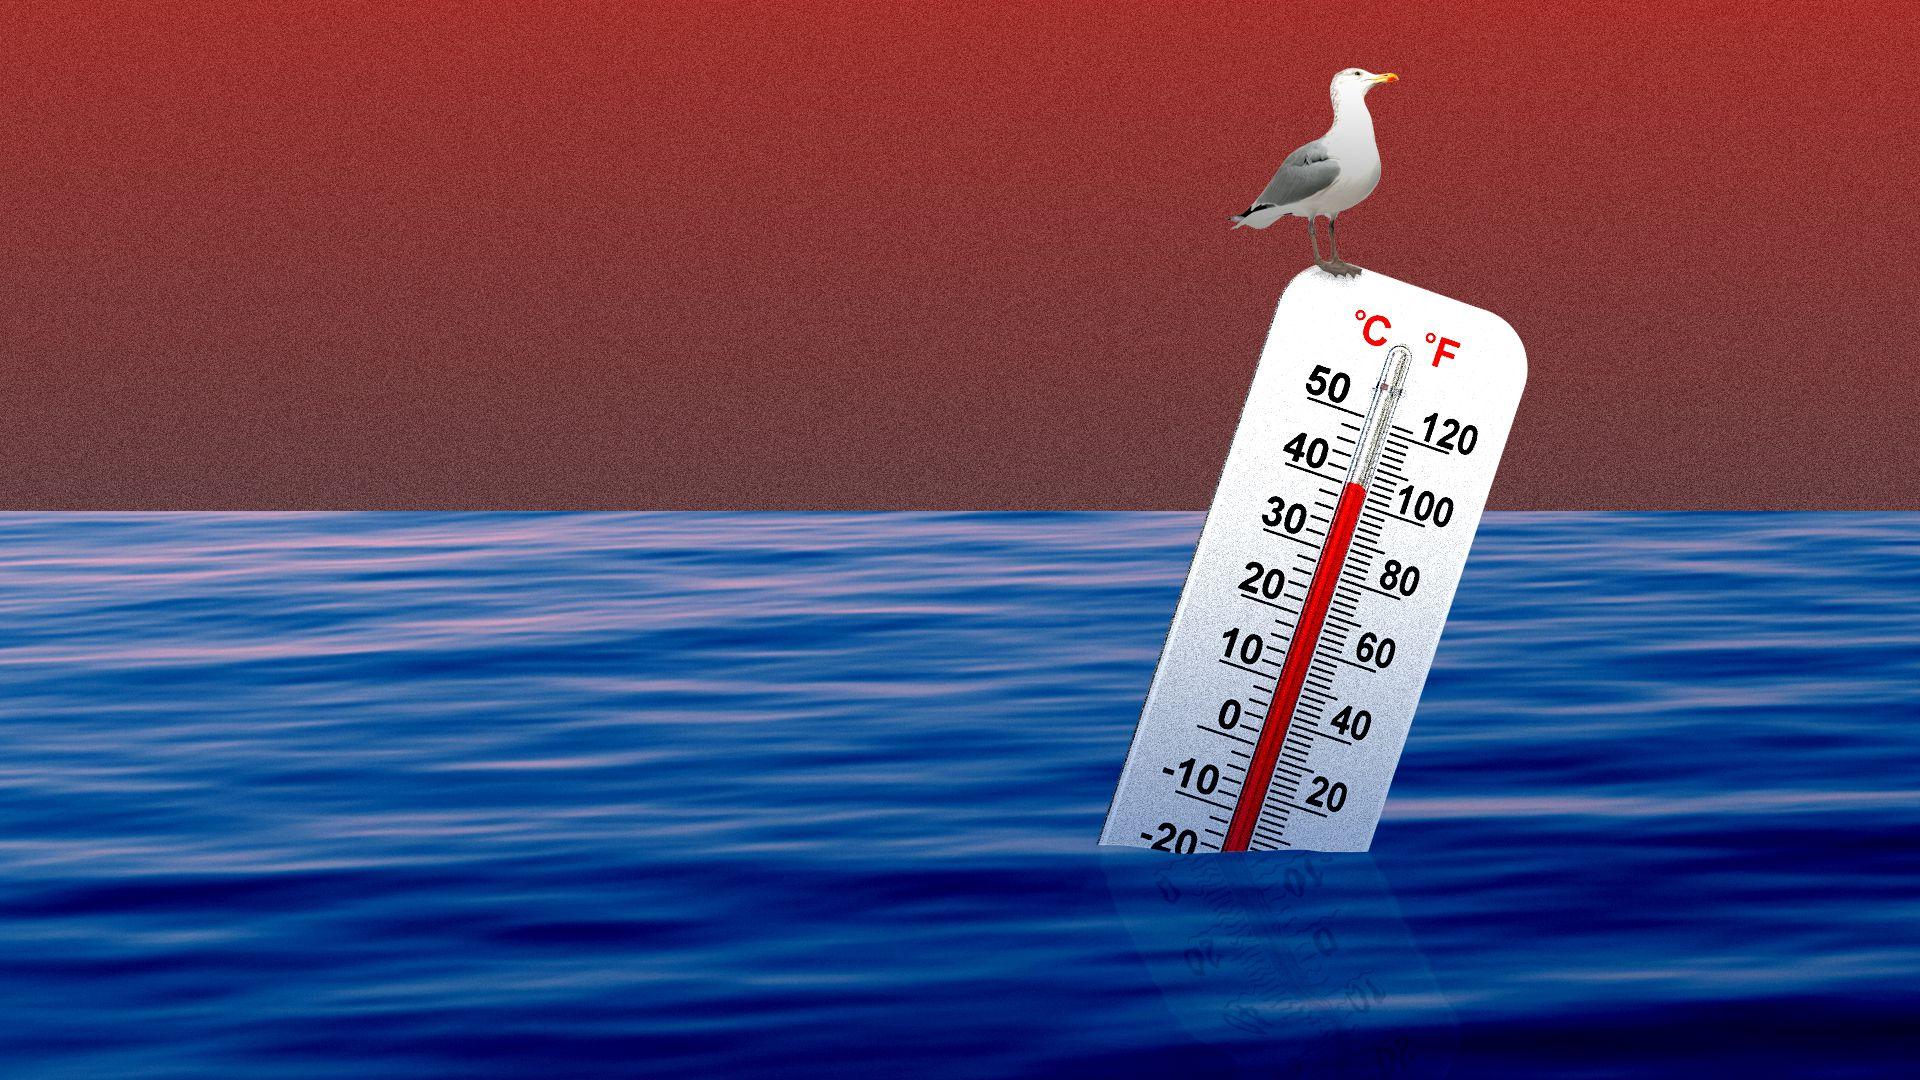 אוקיינוסים על חום גבוה